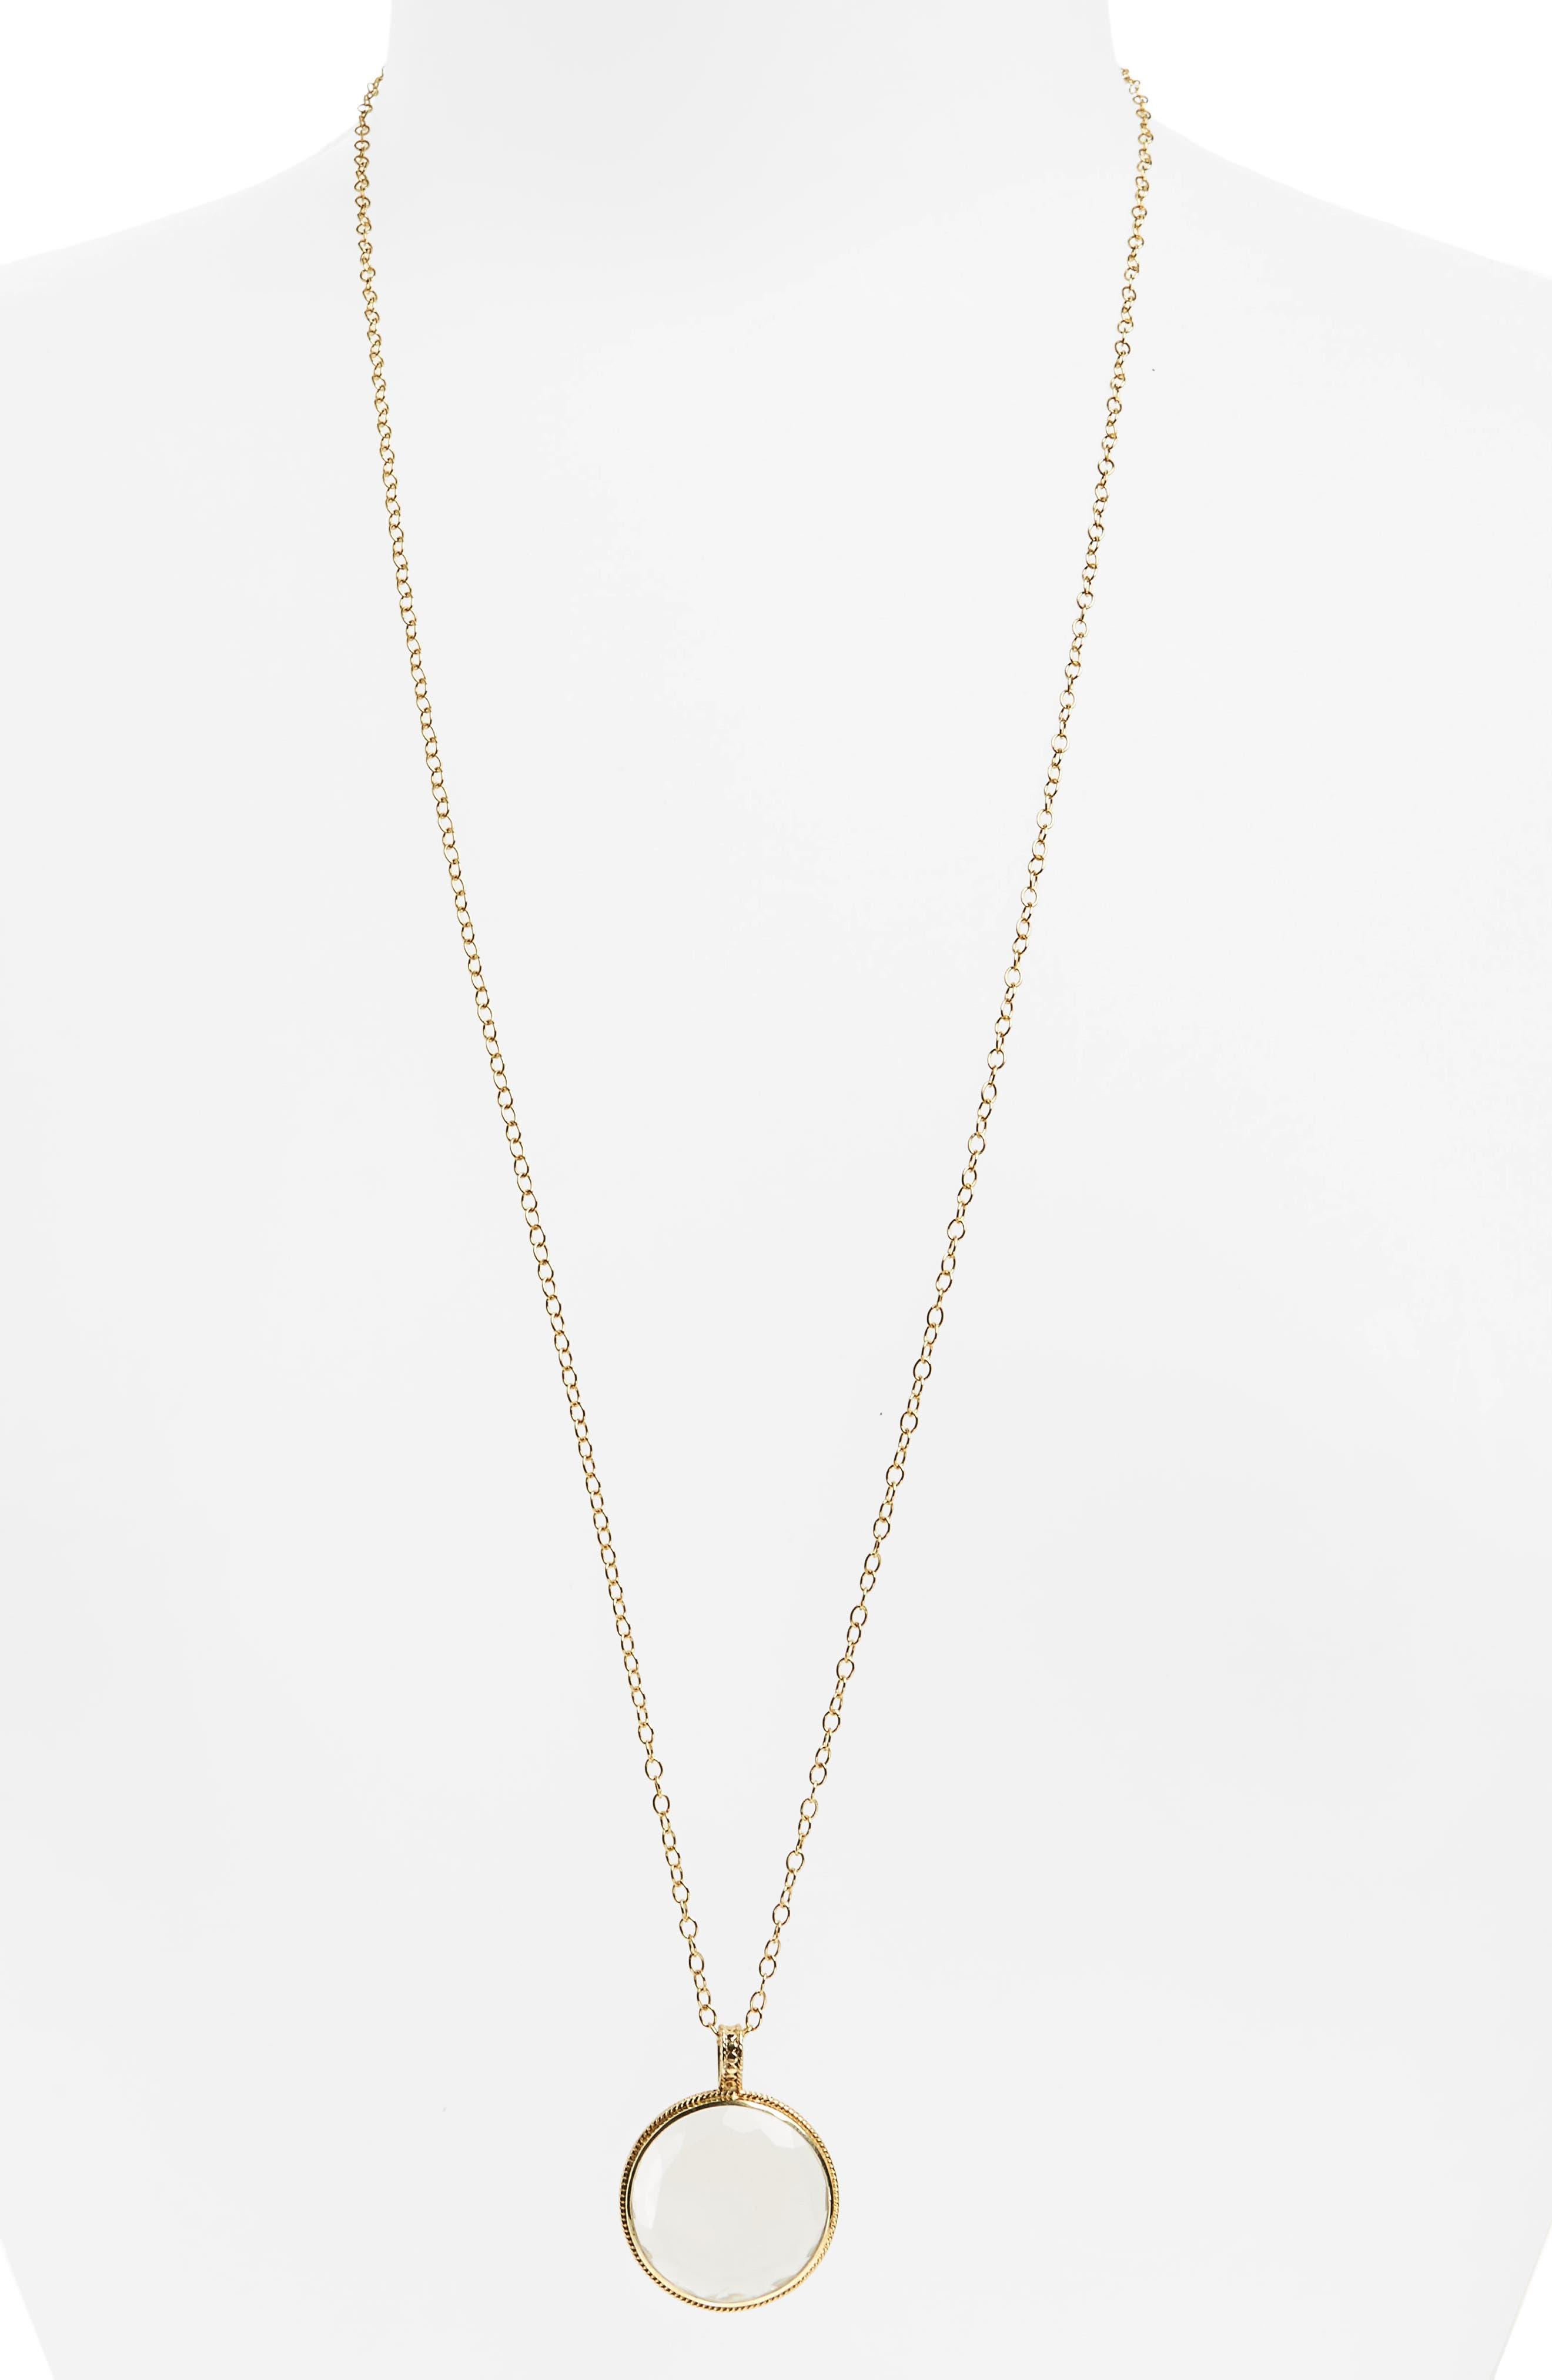 Crystal Quartz Long Pendant Necklace,                             Main thumbnail 1, color,                             710